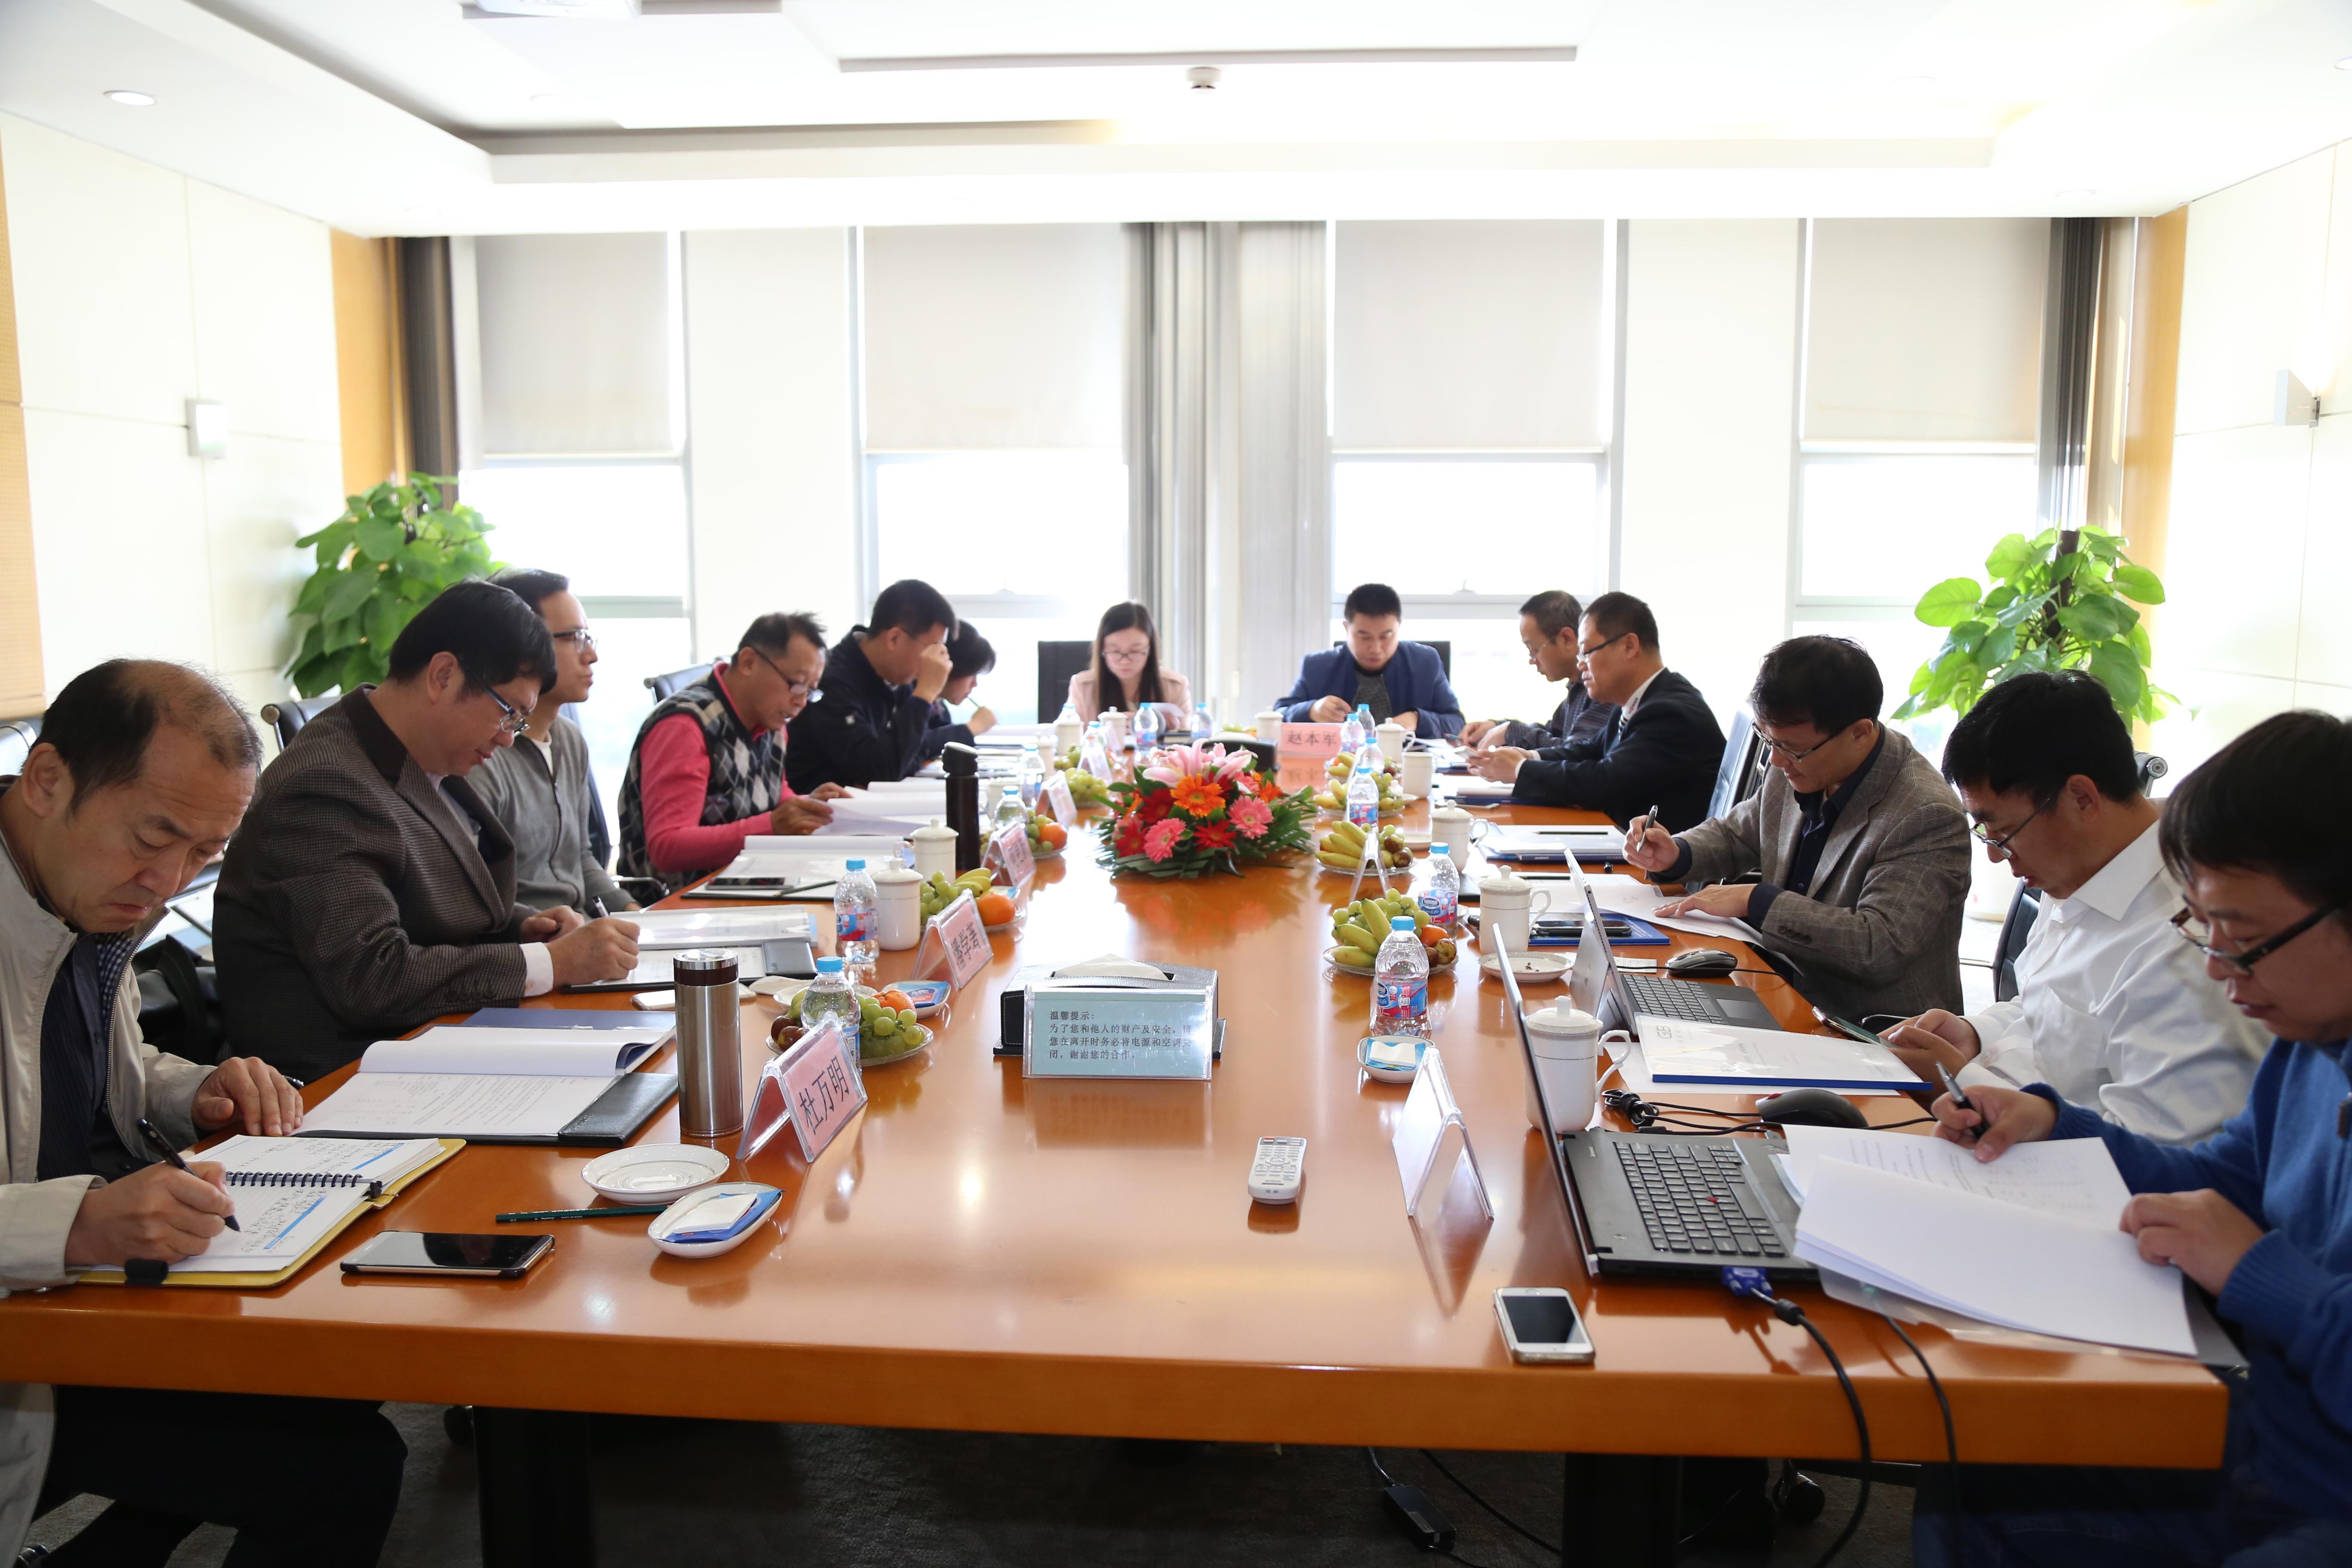 江河幕墙参编《绿色建材评价标准》行业标准规范,并成功举办启动会